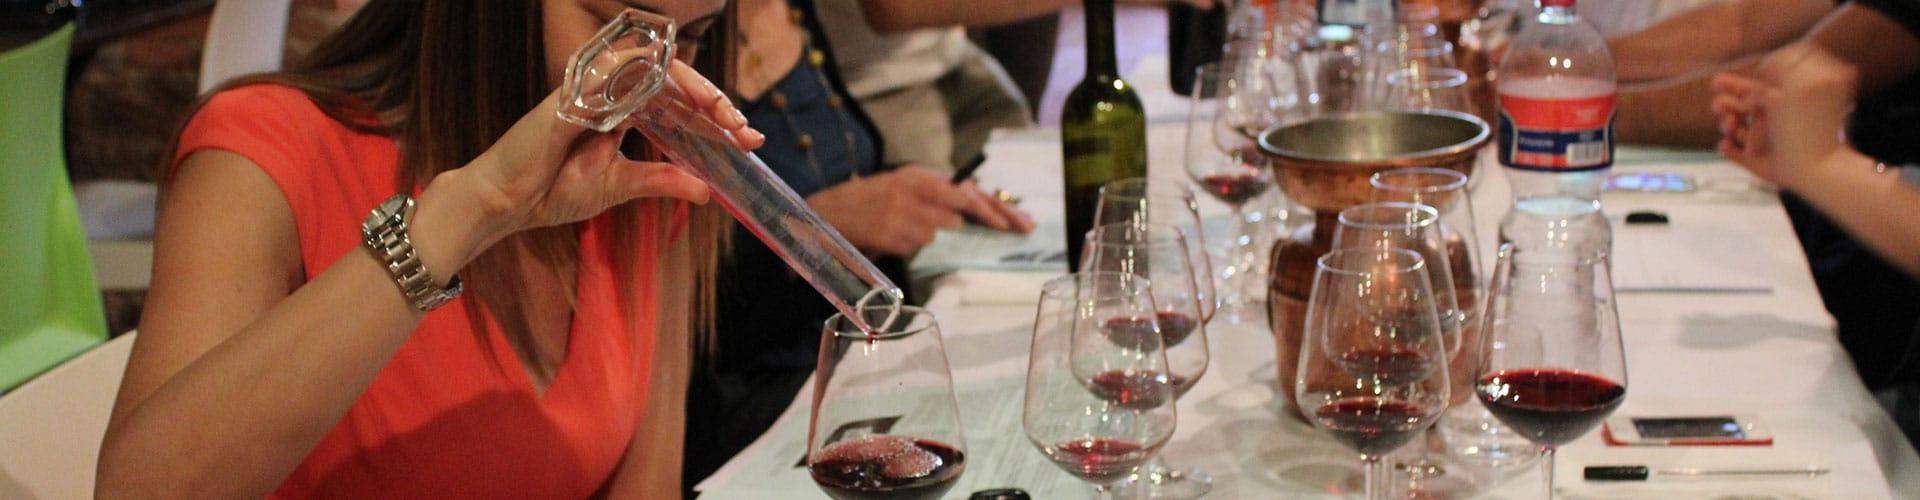 wine tuscan tasting